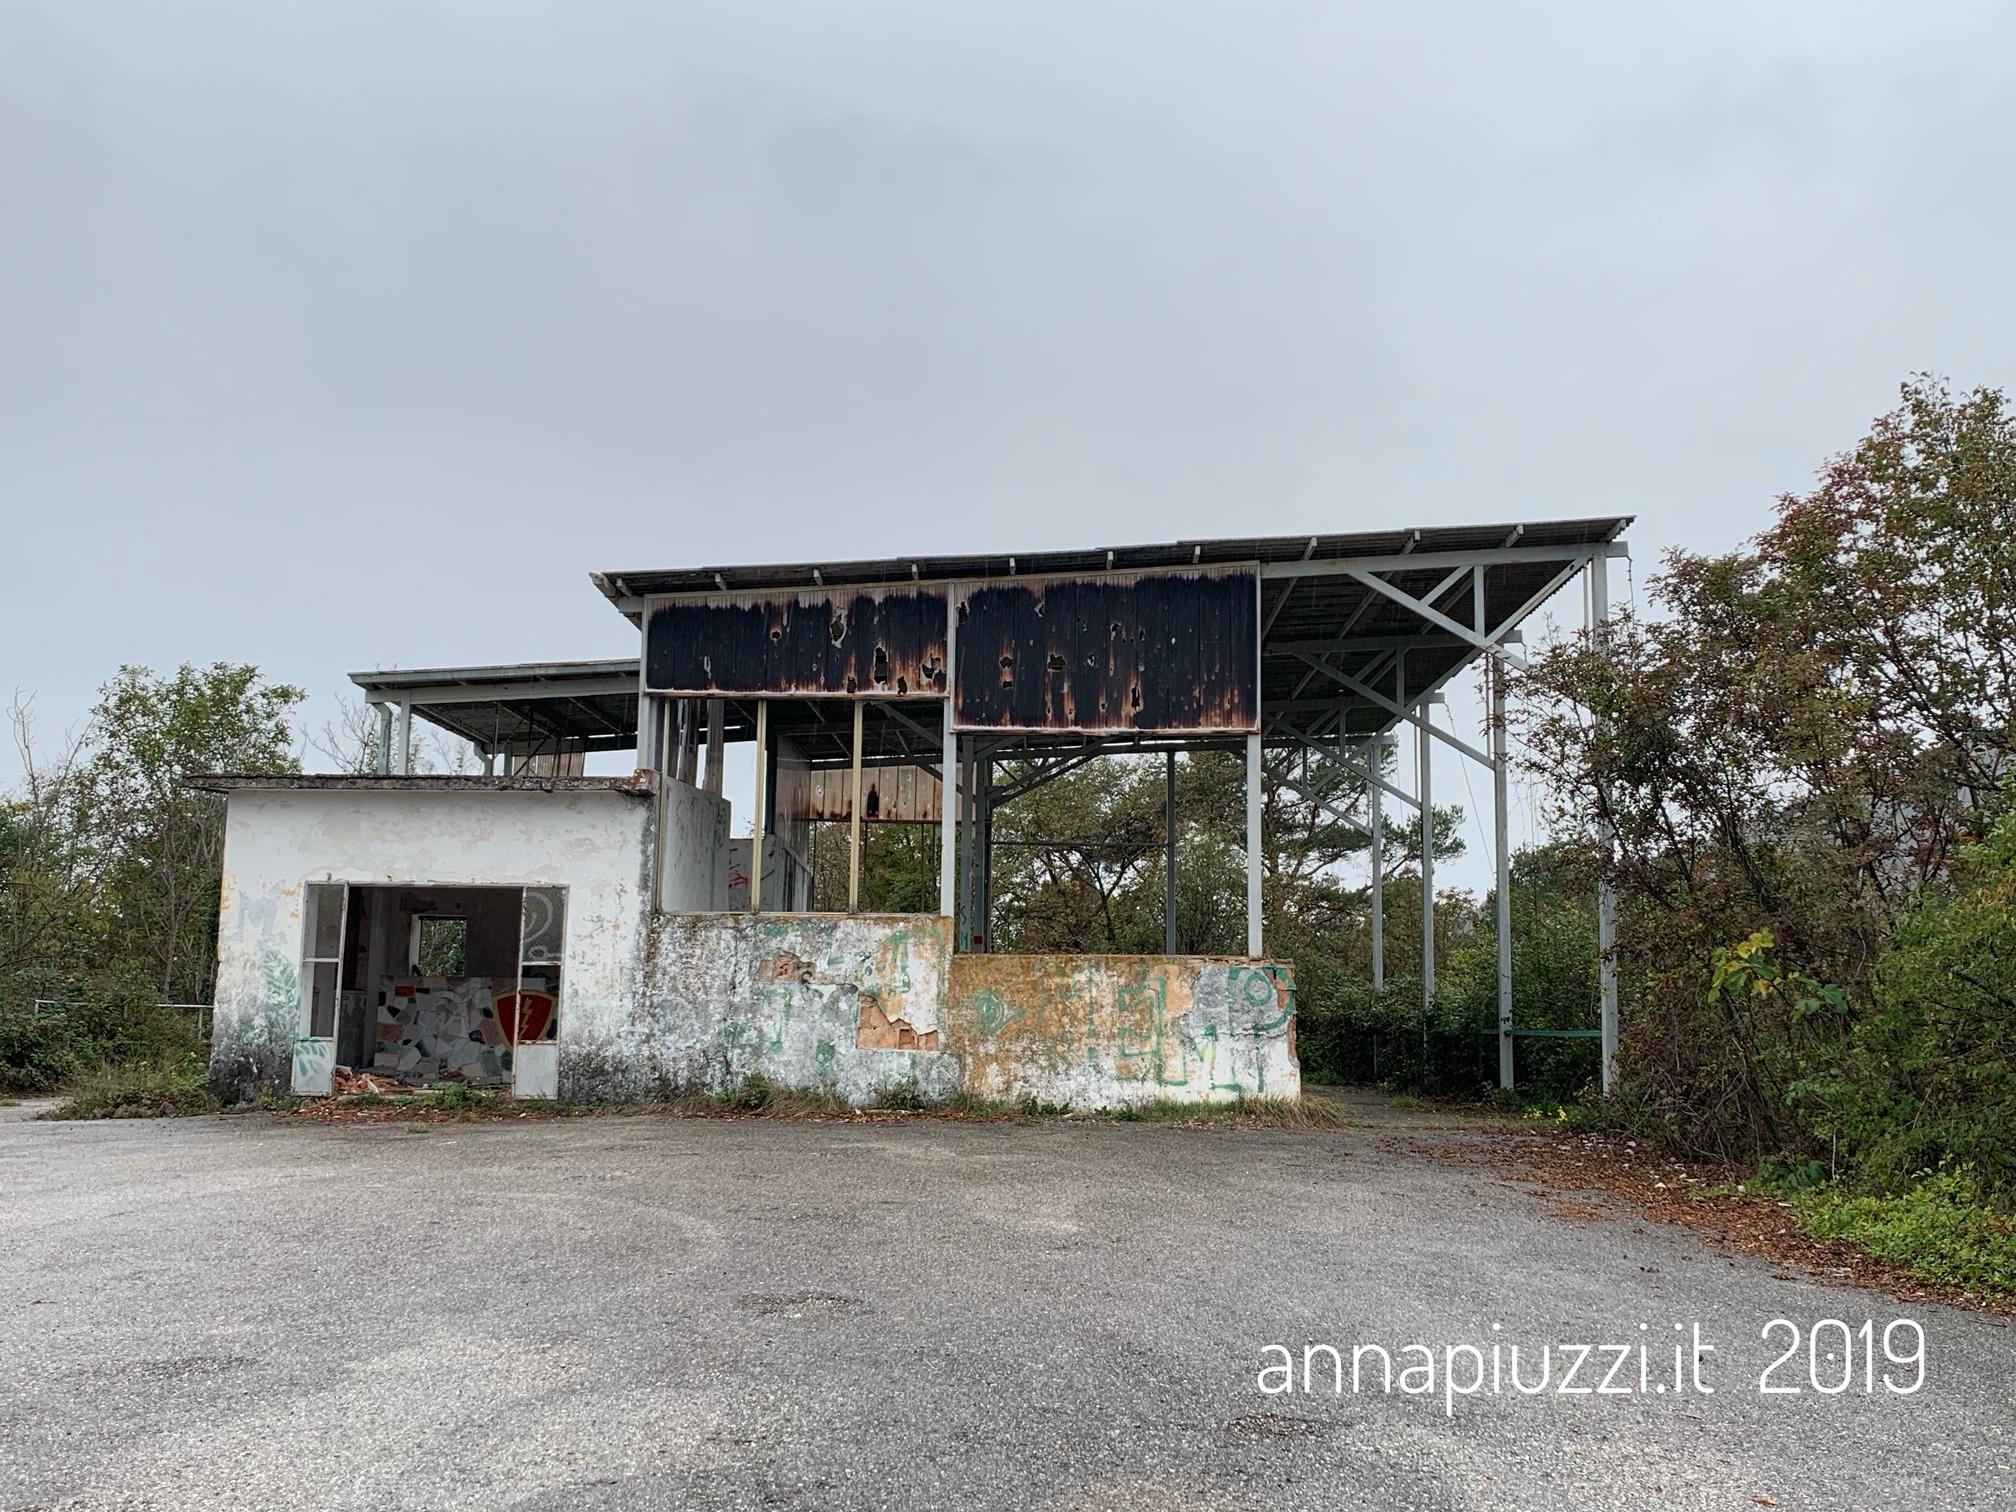 L'osservatorio del poligono militare